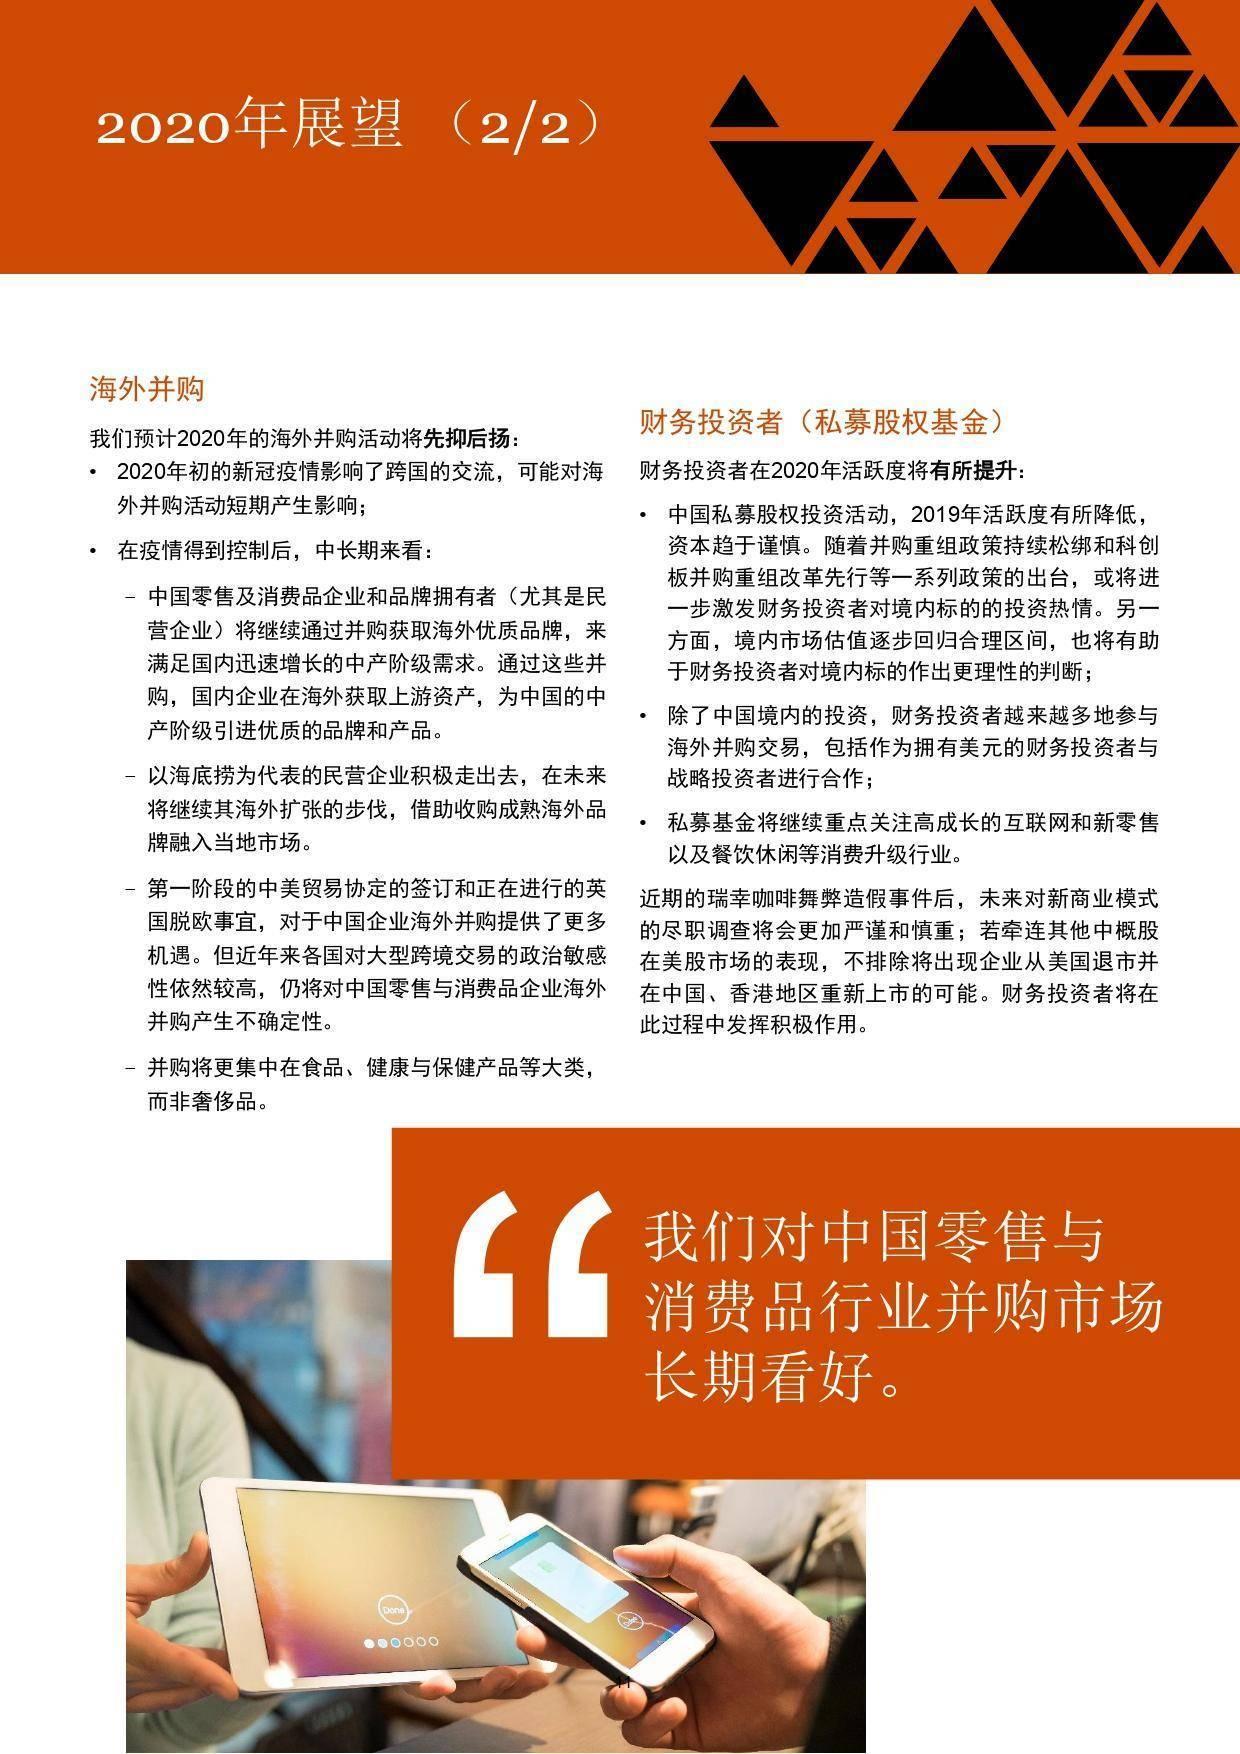 普华永道:中国零售与消费品行业并购趋势